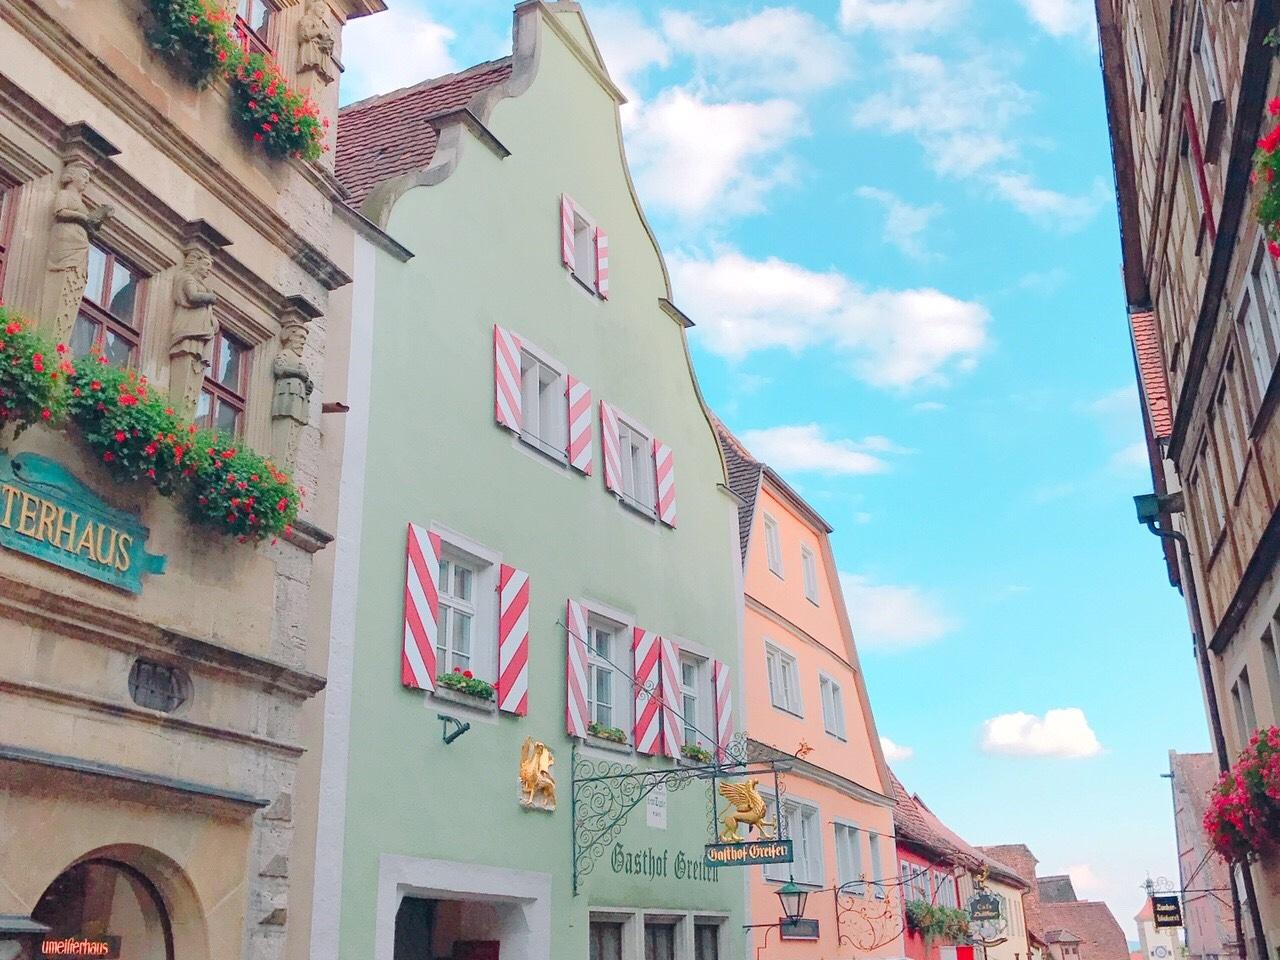 世界一インスタ映えする町。ドイツのローテンブルクが可愛すぎる..♡